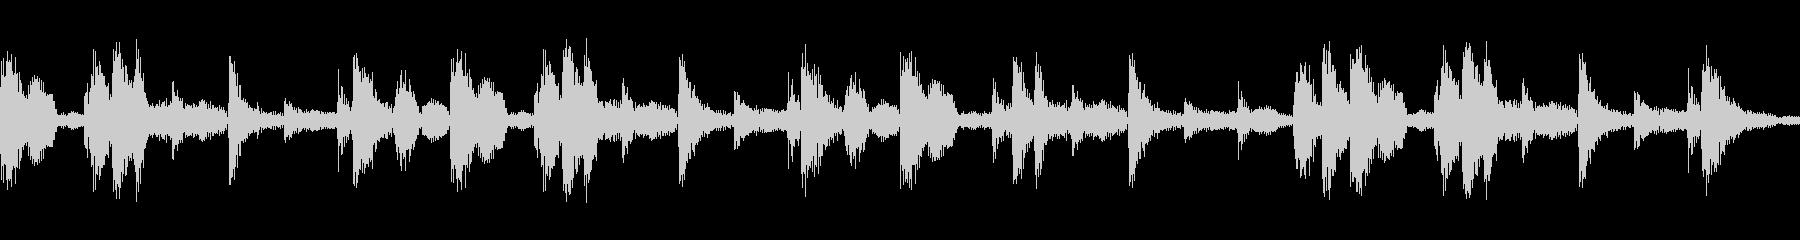 リズミカルで民族的なジングル04の未再生の波形